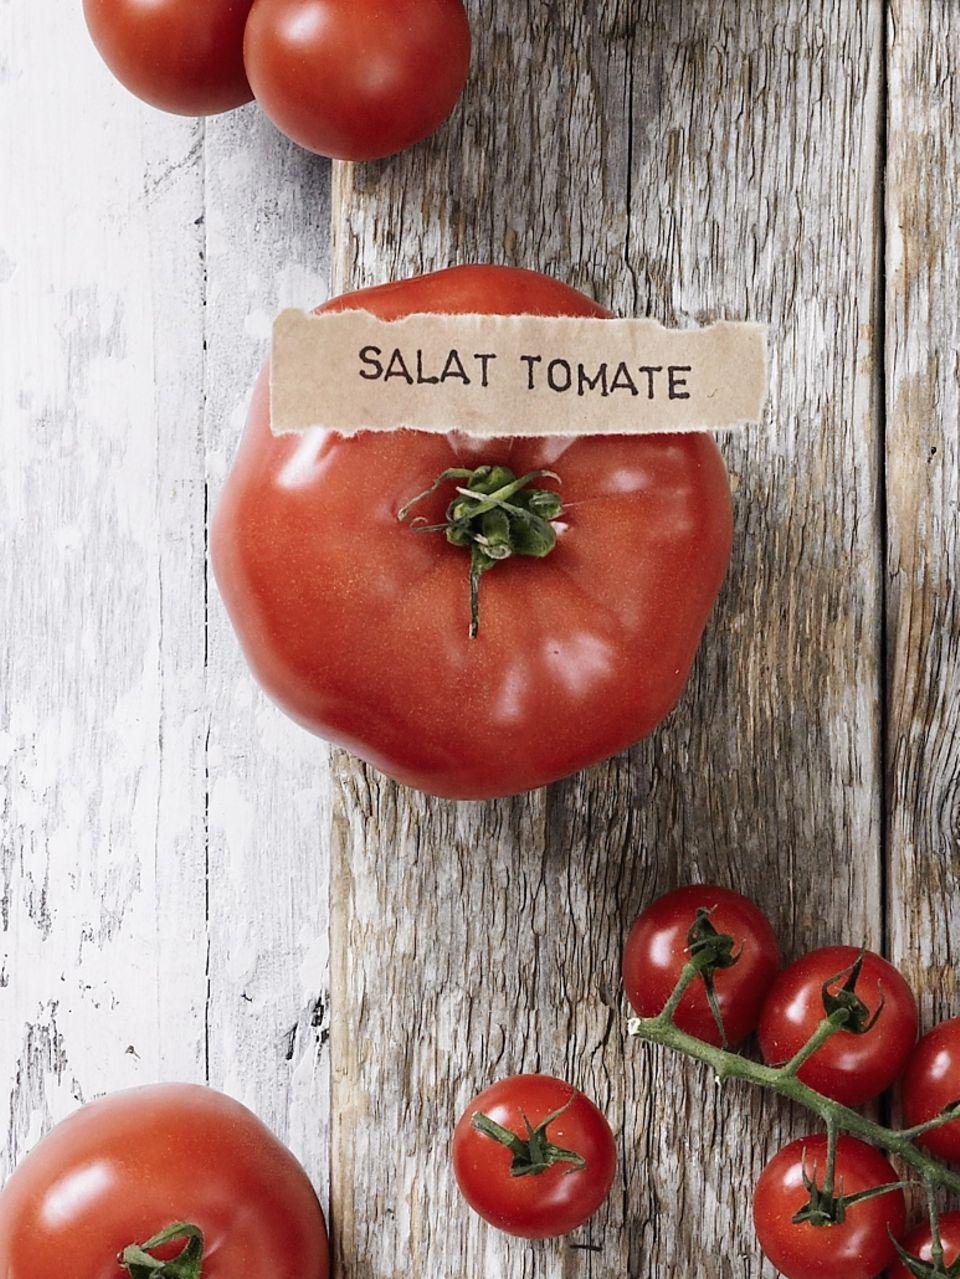 Tomatensorte Salattomate, auch bekannt als Fleischtomate